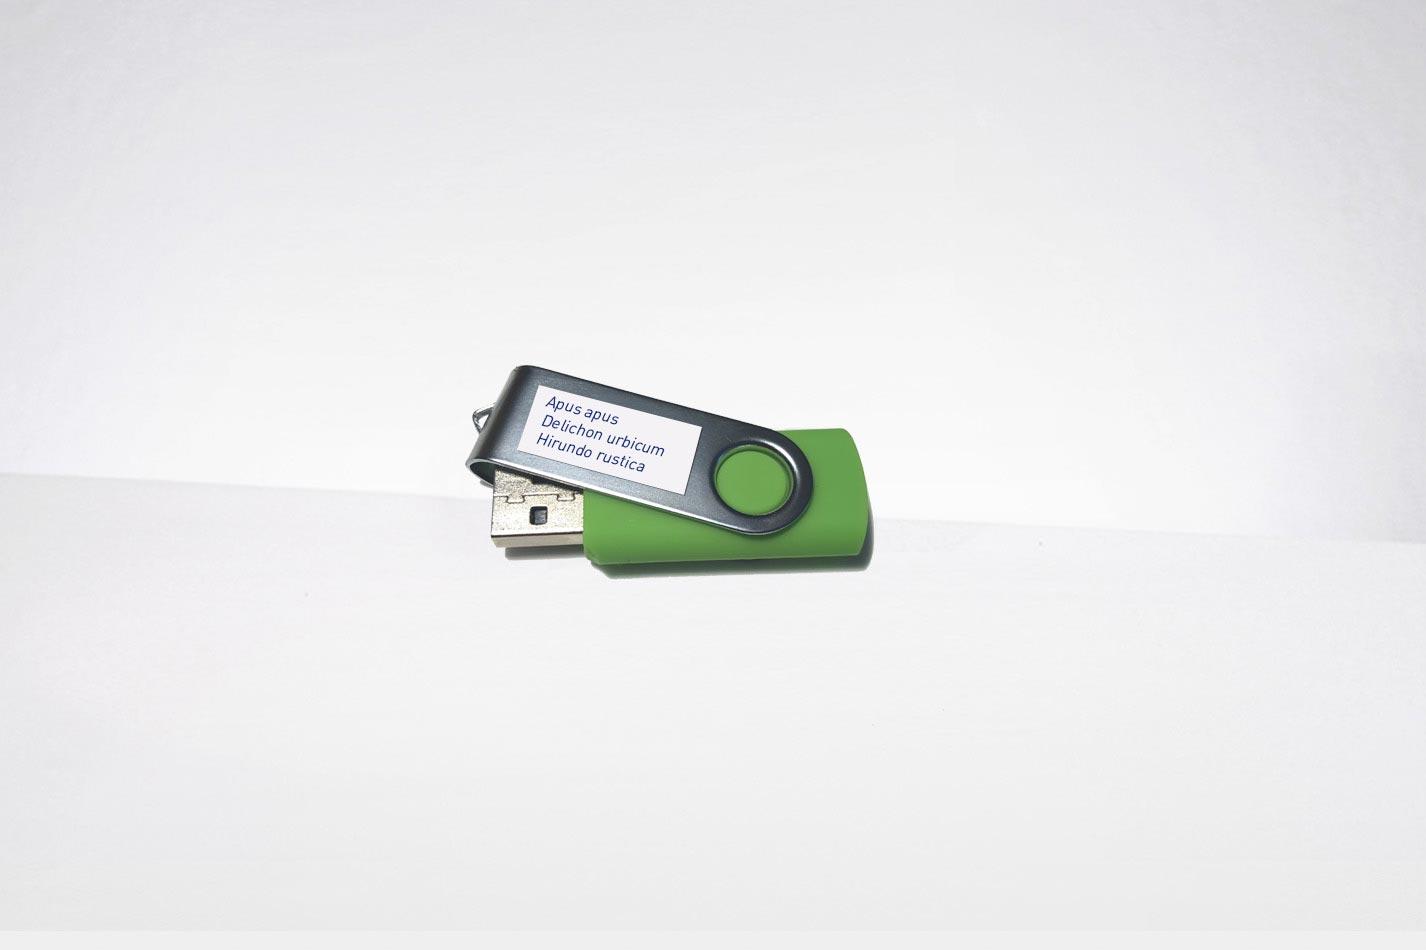 USB Stick in grün mit Vogelrufen für eine Klangattrappe